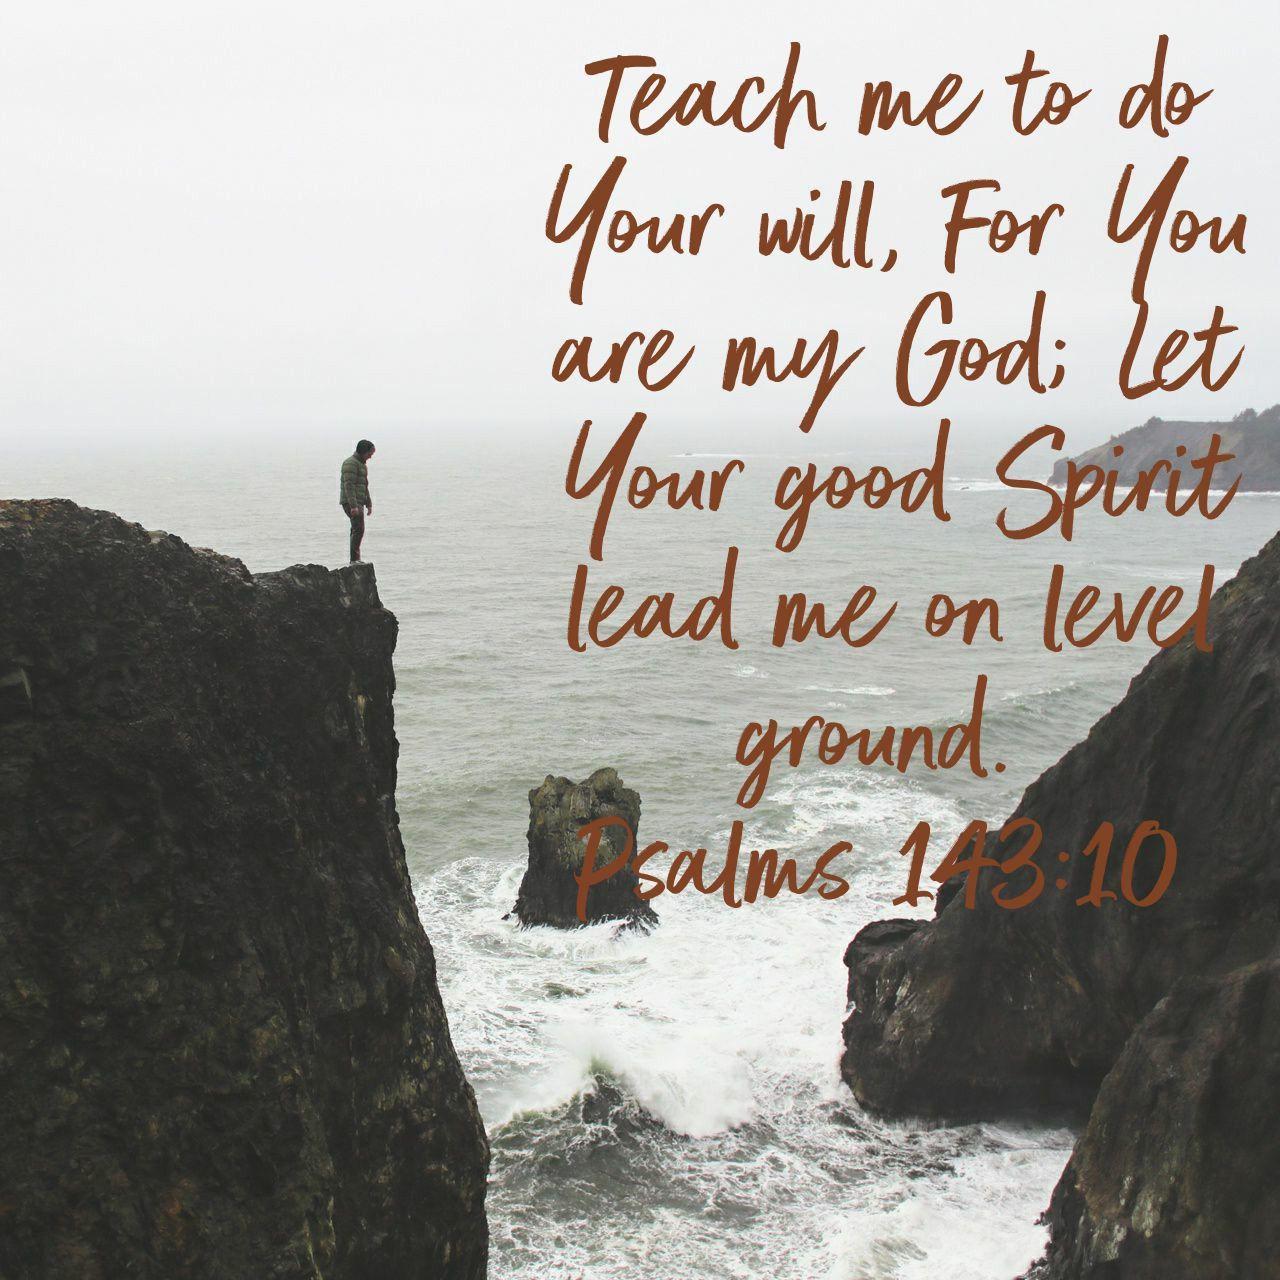 Pin by Ronald Botham on my faith | Praise god, Spirit lead ...